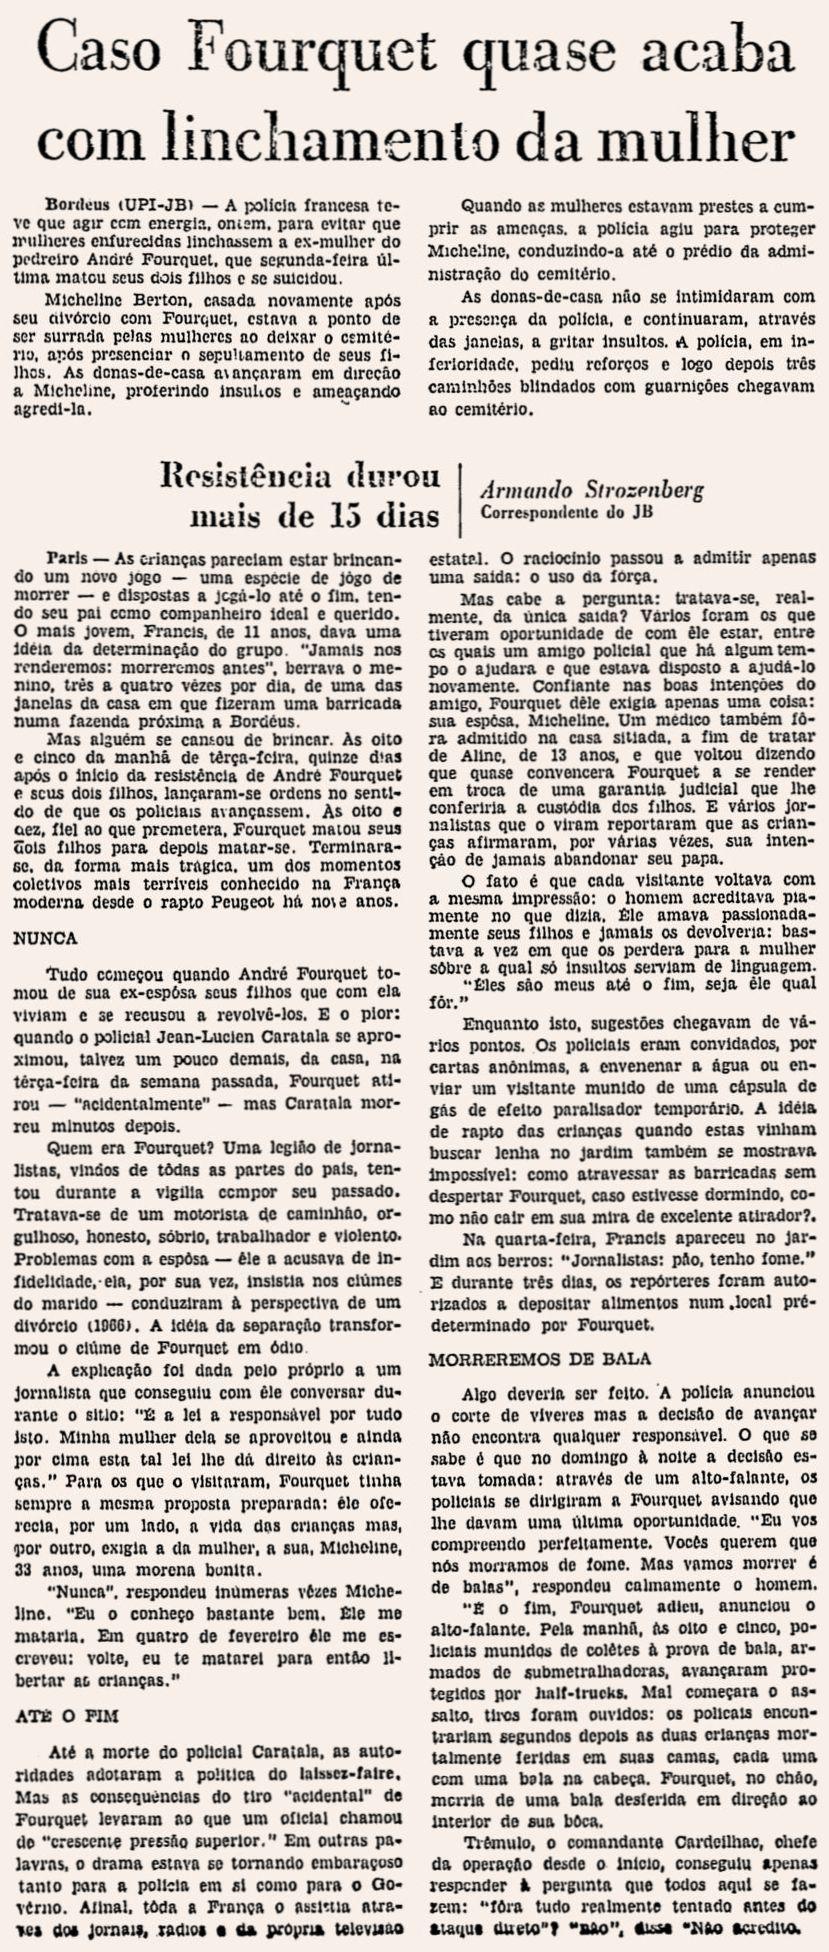 Jornal do Brasil, nº 267, 20/02/1969, p. 11